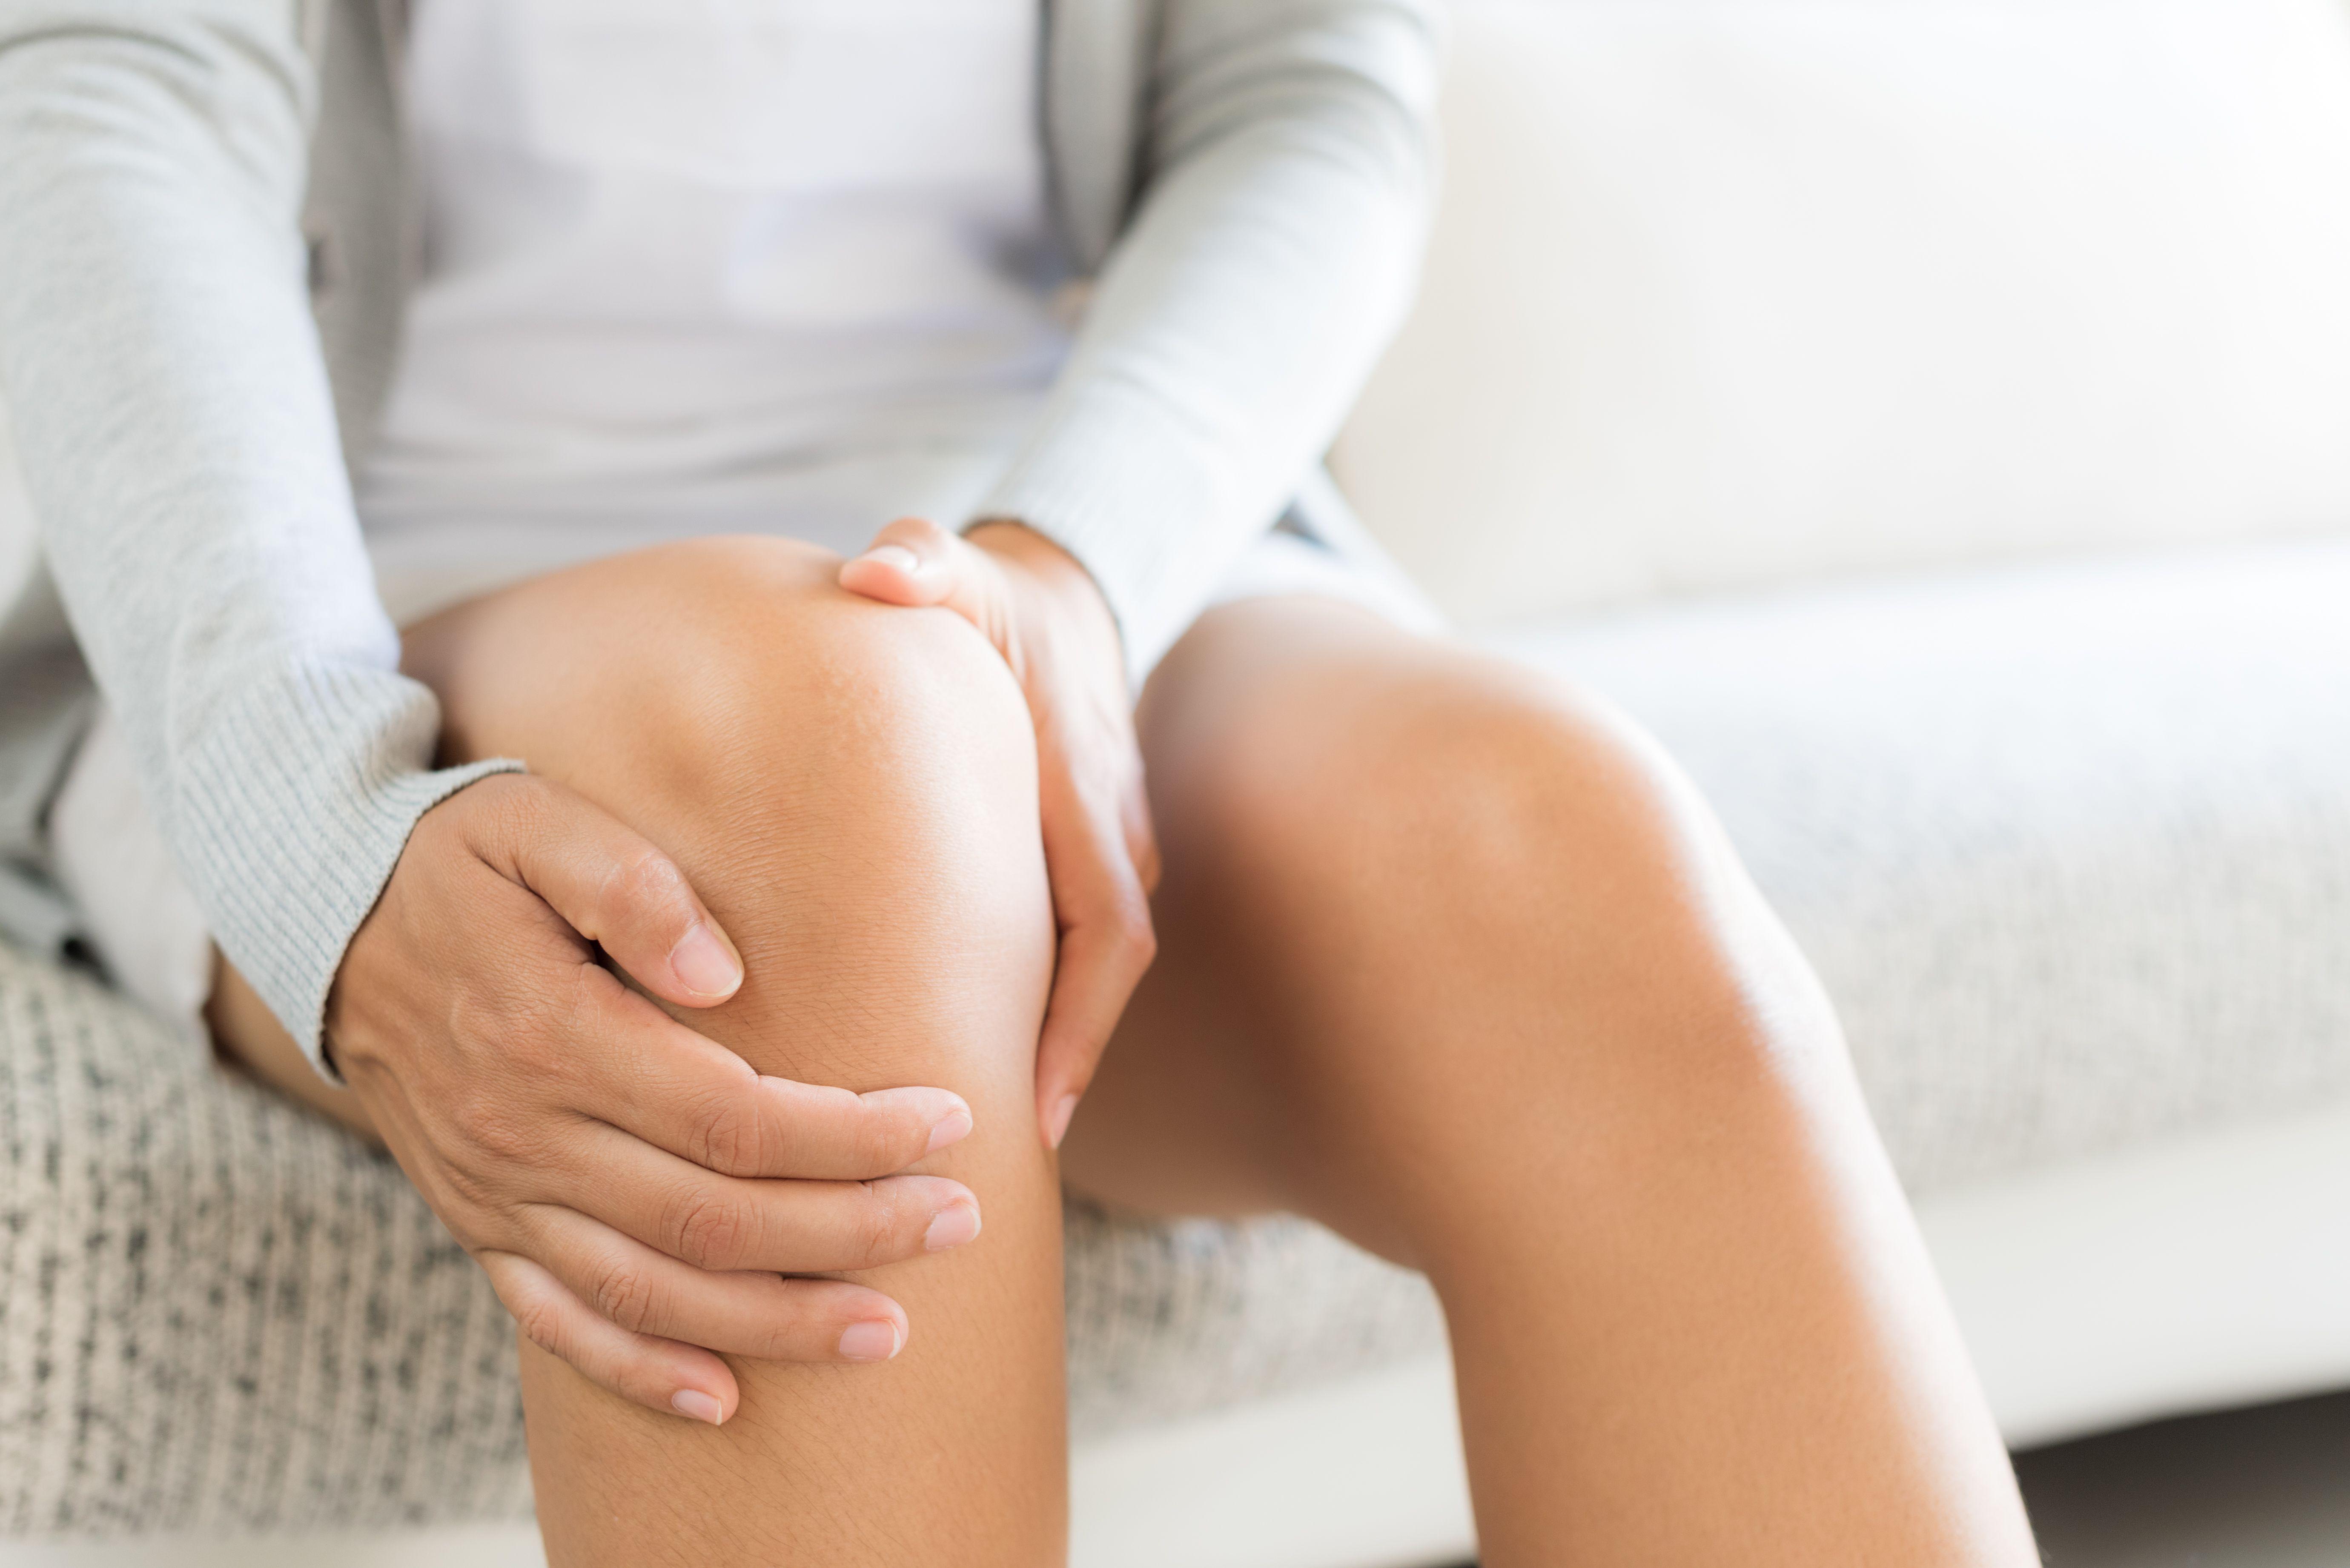 Fisioterapia Traumatológica Servicios De Balanç Dolor En La Rodilla Artrosis Rodilla Calambres En Las Piernas